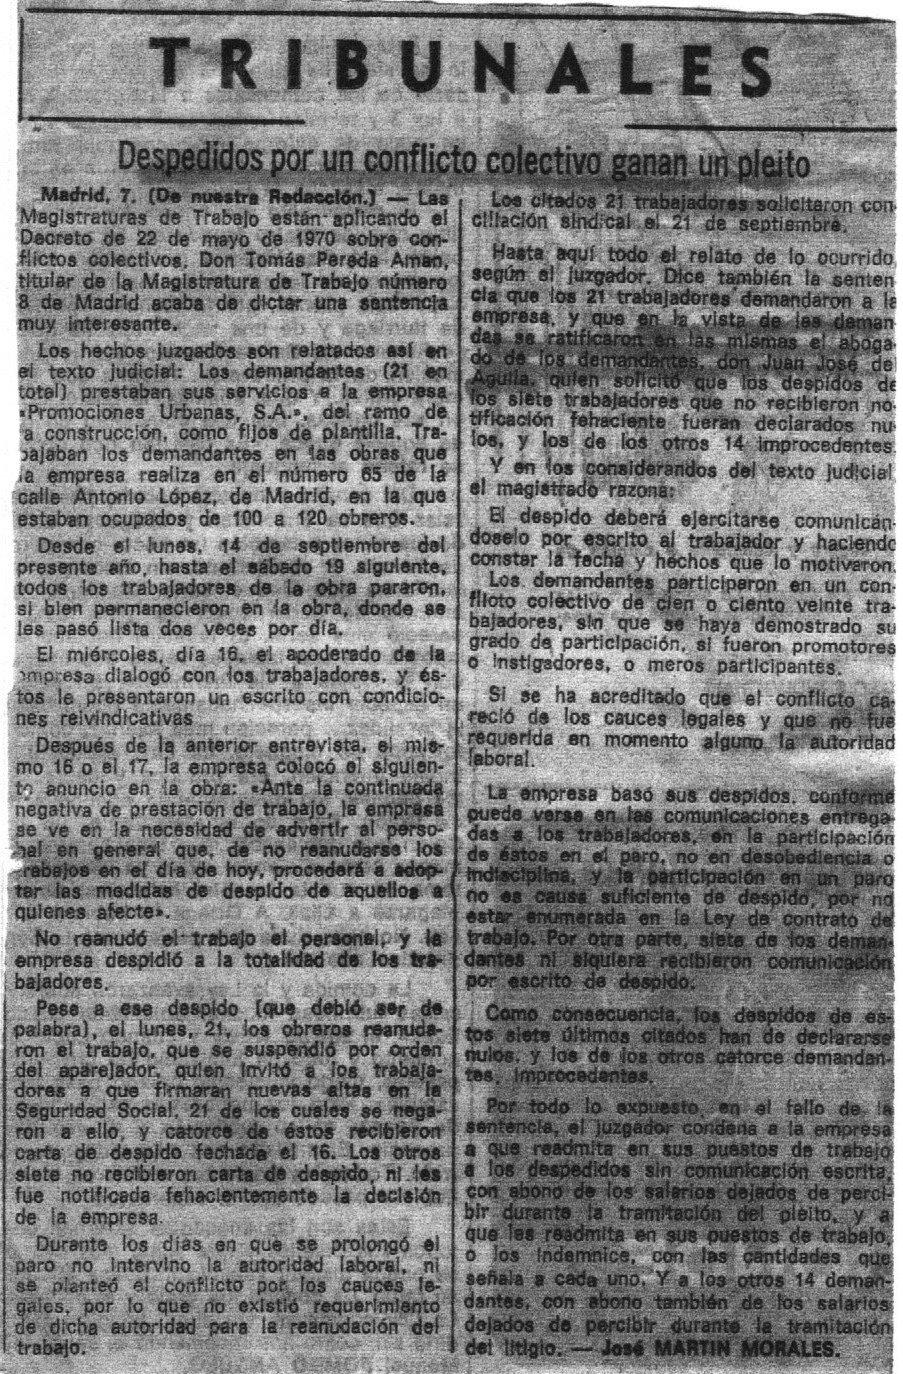 La Vanguardia Española de 08/12/71